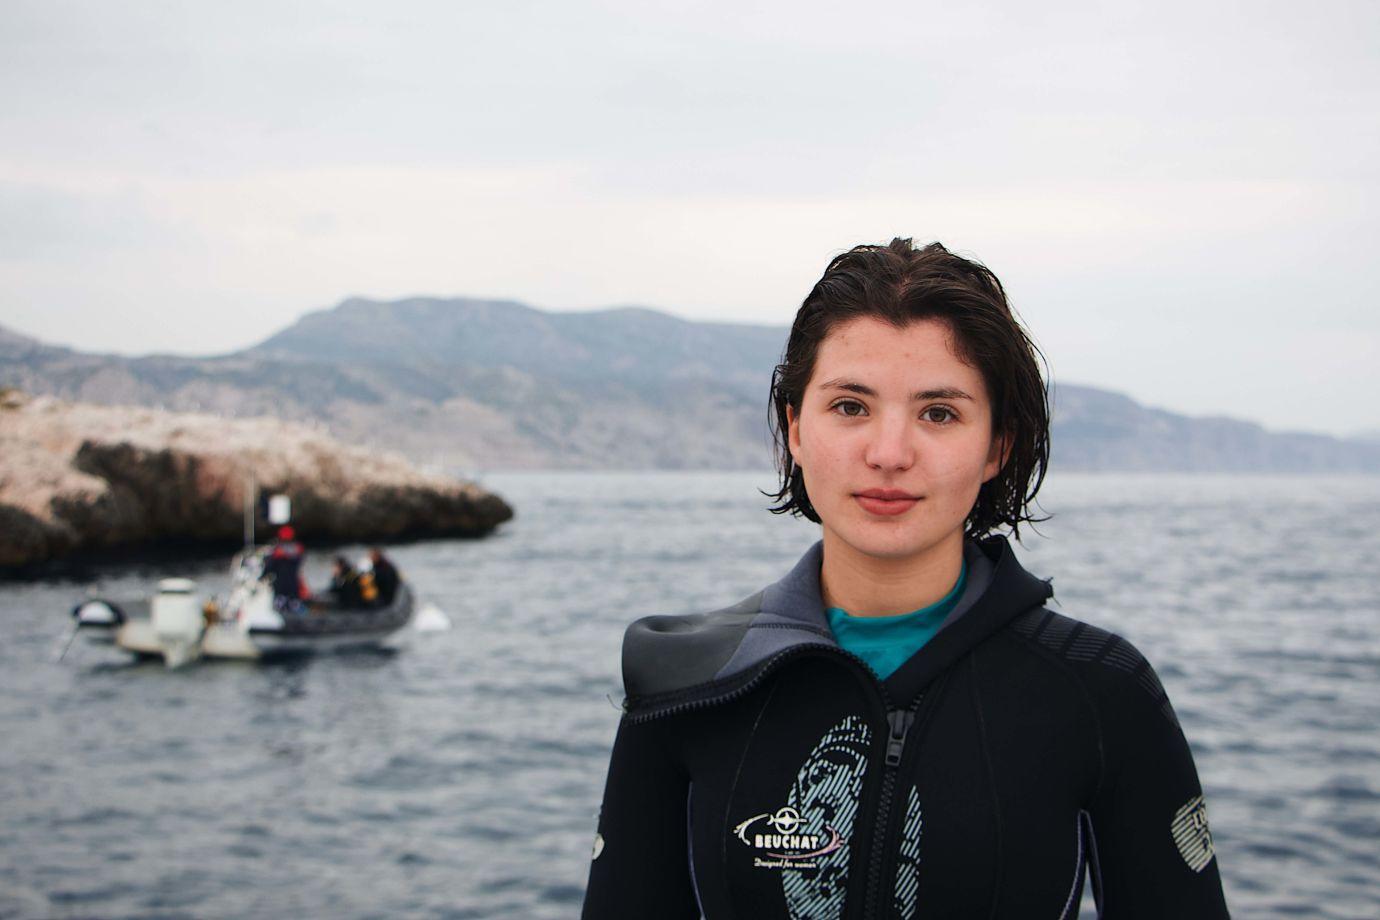 Frau im Neoprenanzug vor Meer